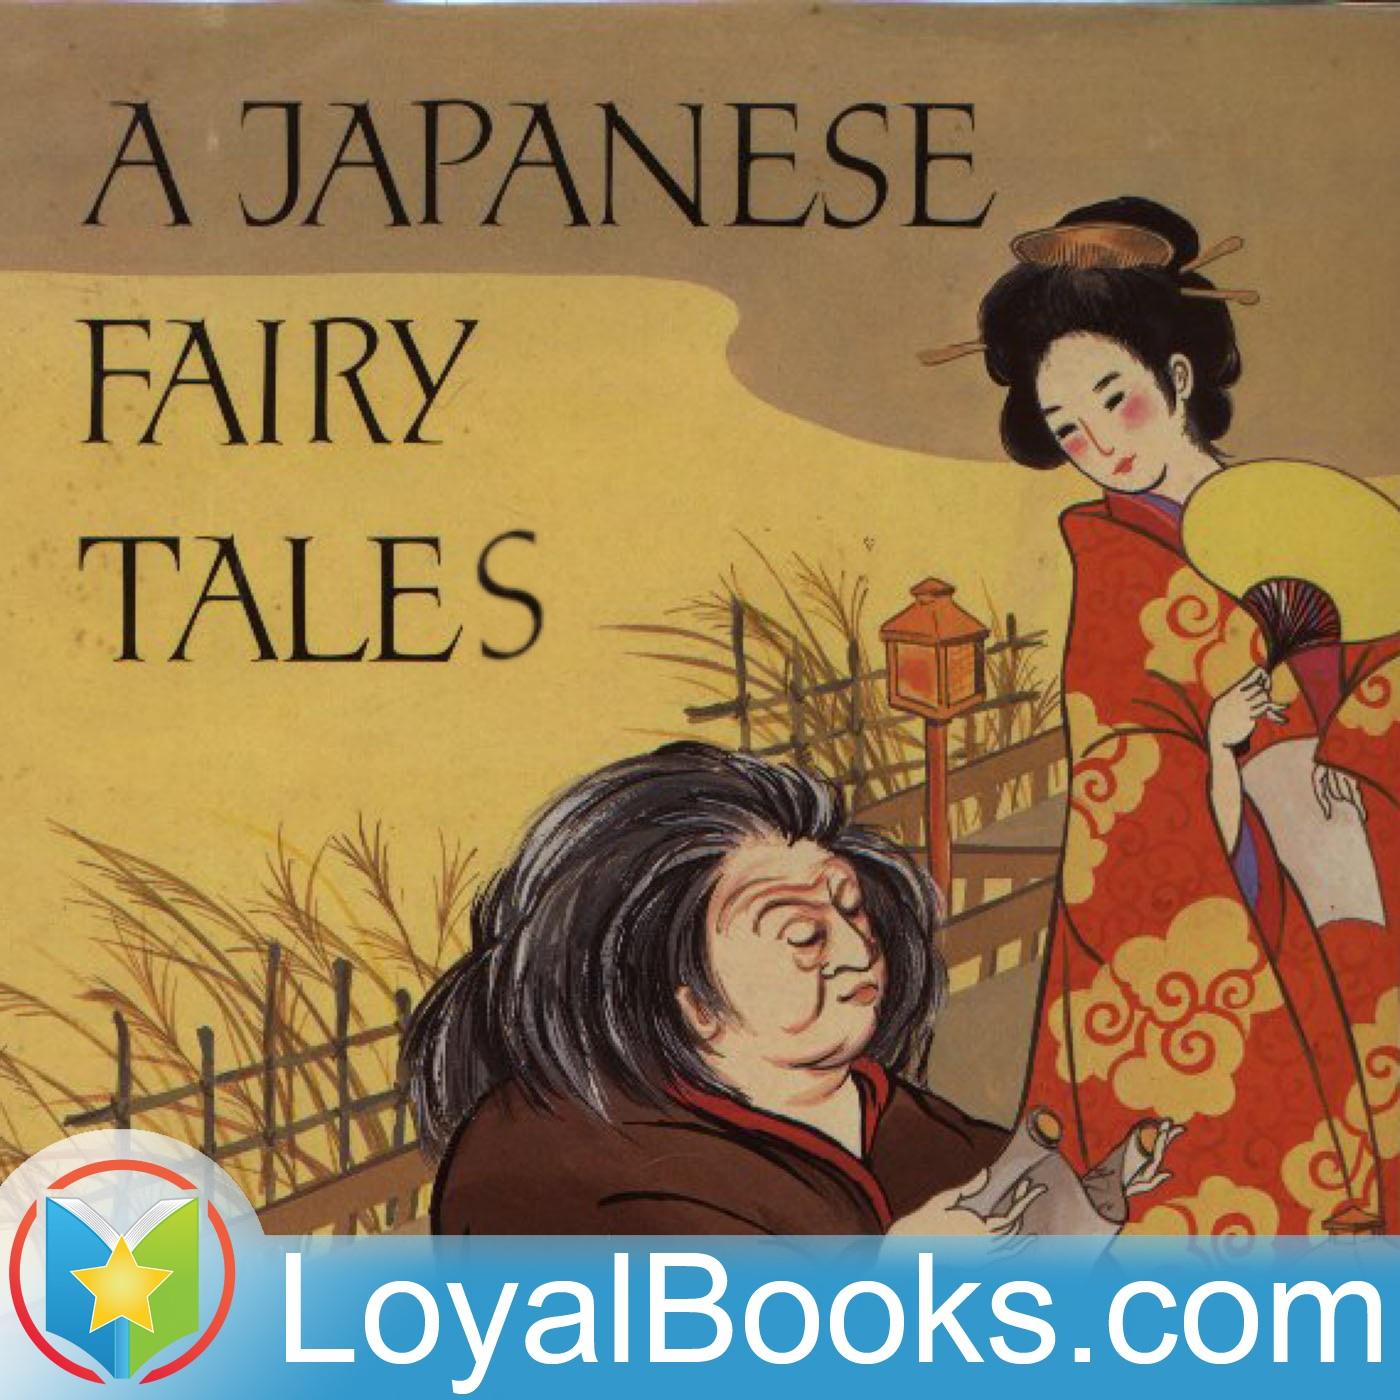 <![CDATA[Japanese Fairy Tales by Yei Theodora Ozaki]]>